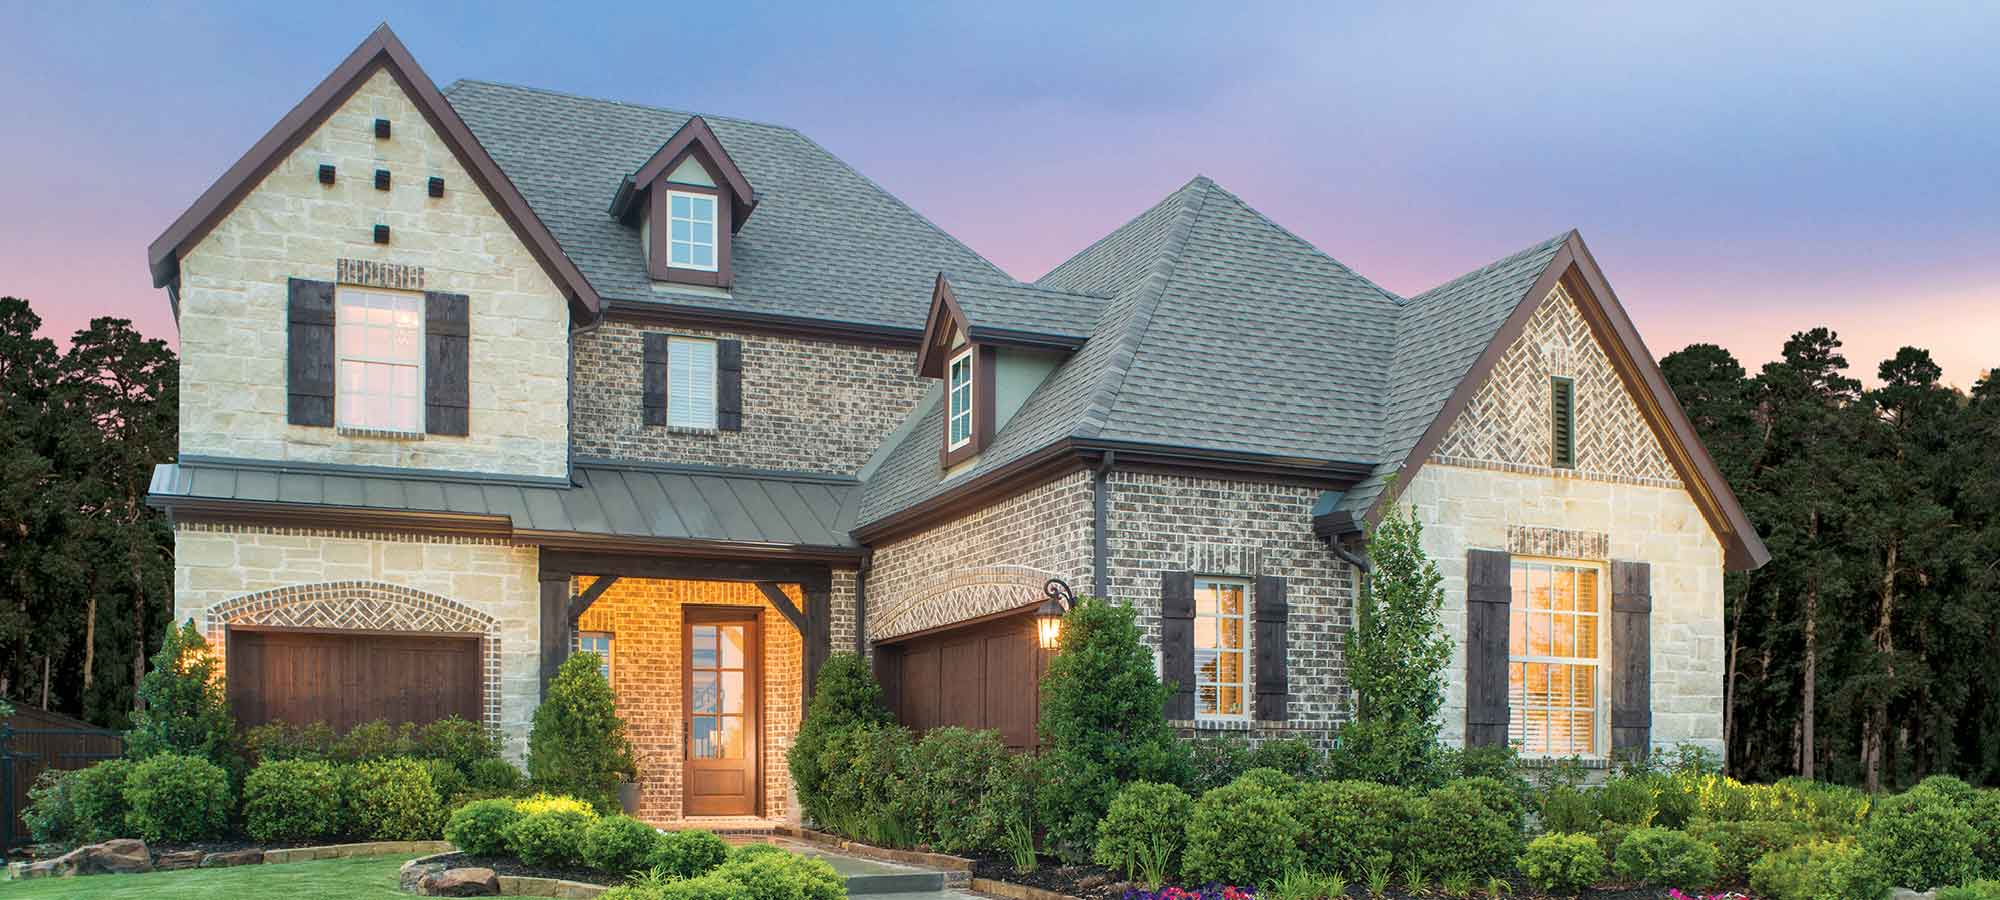 David Weekley Home - Front Exterior